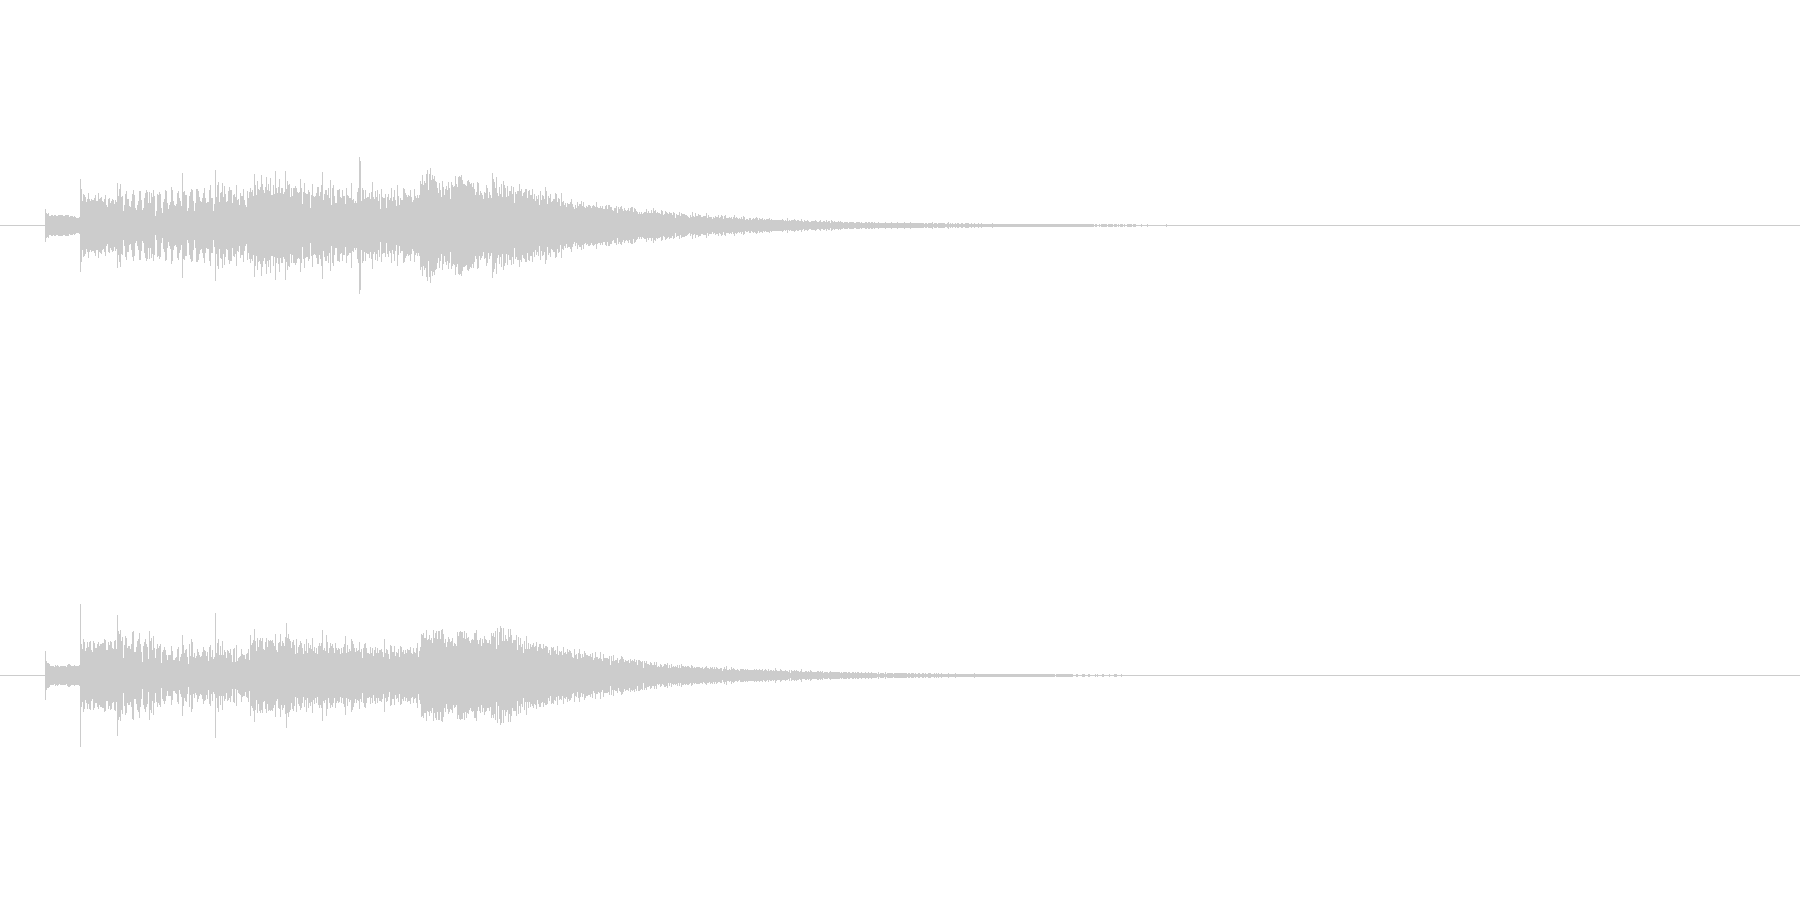 キラキラキラキラ/グロッケン綺麗な上昇音の未再生の波形